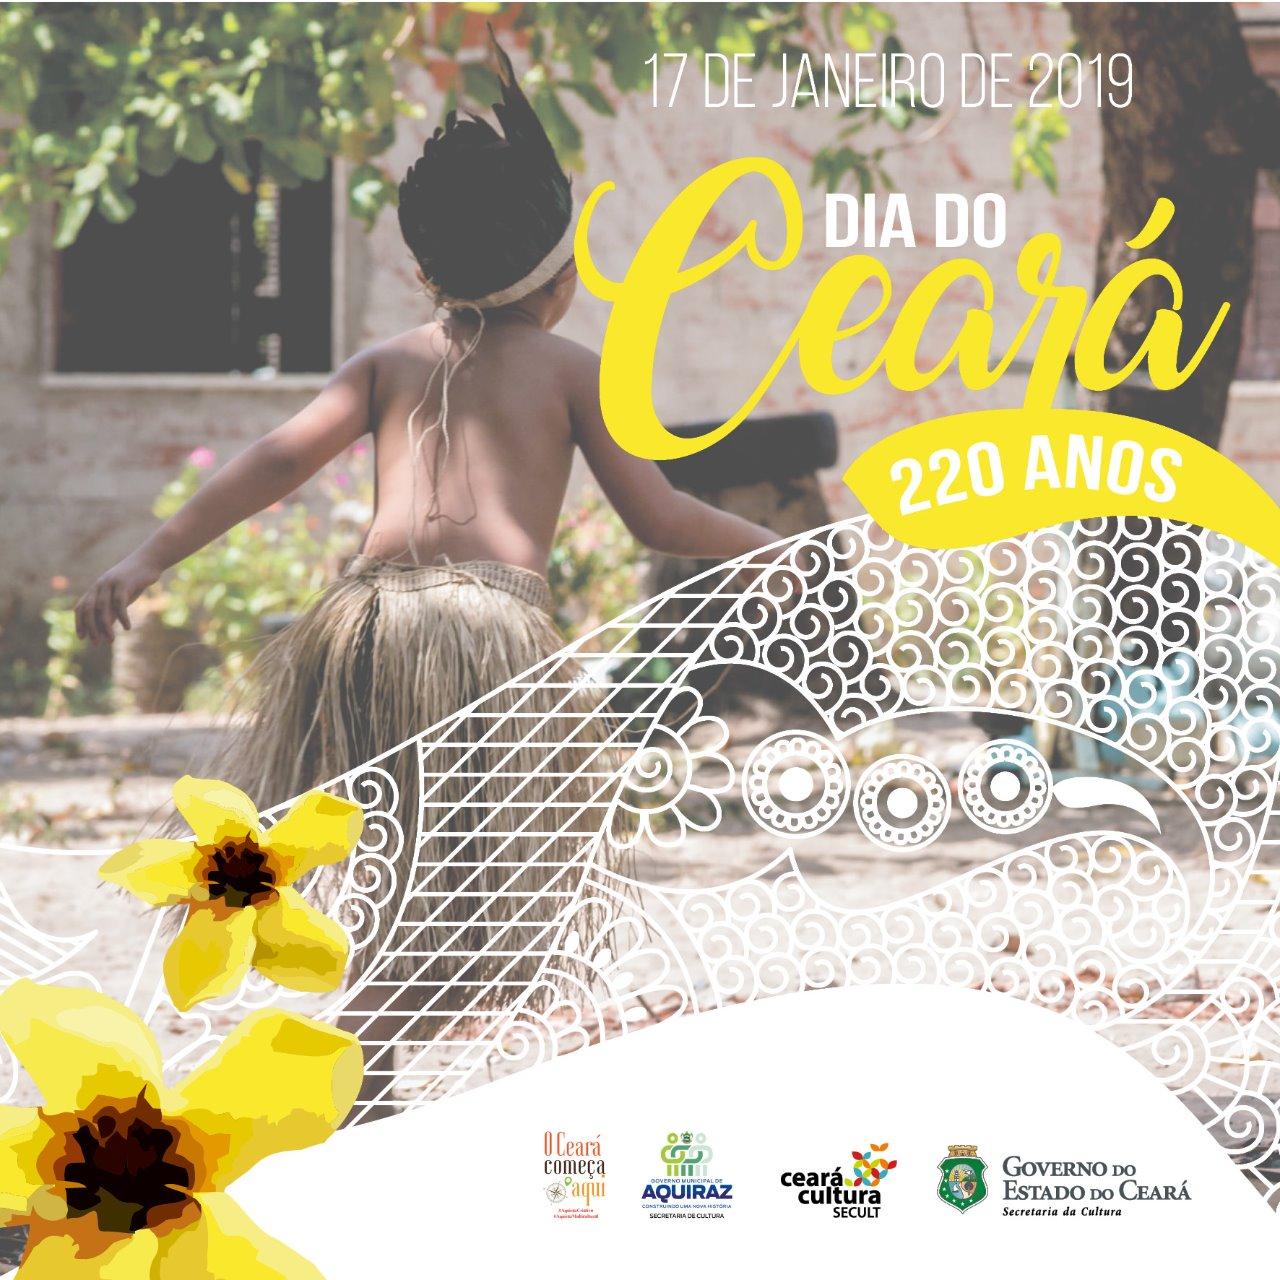 Dia do Ceará